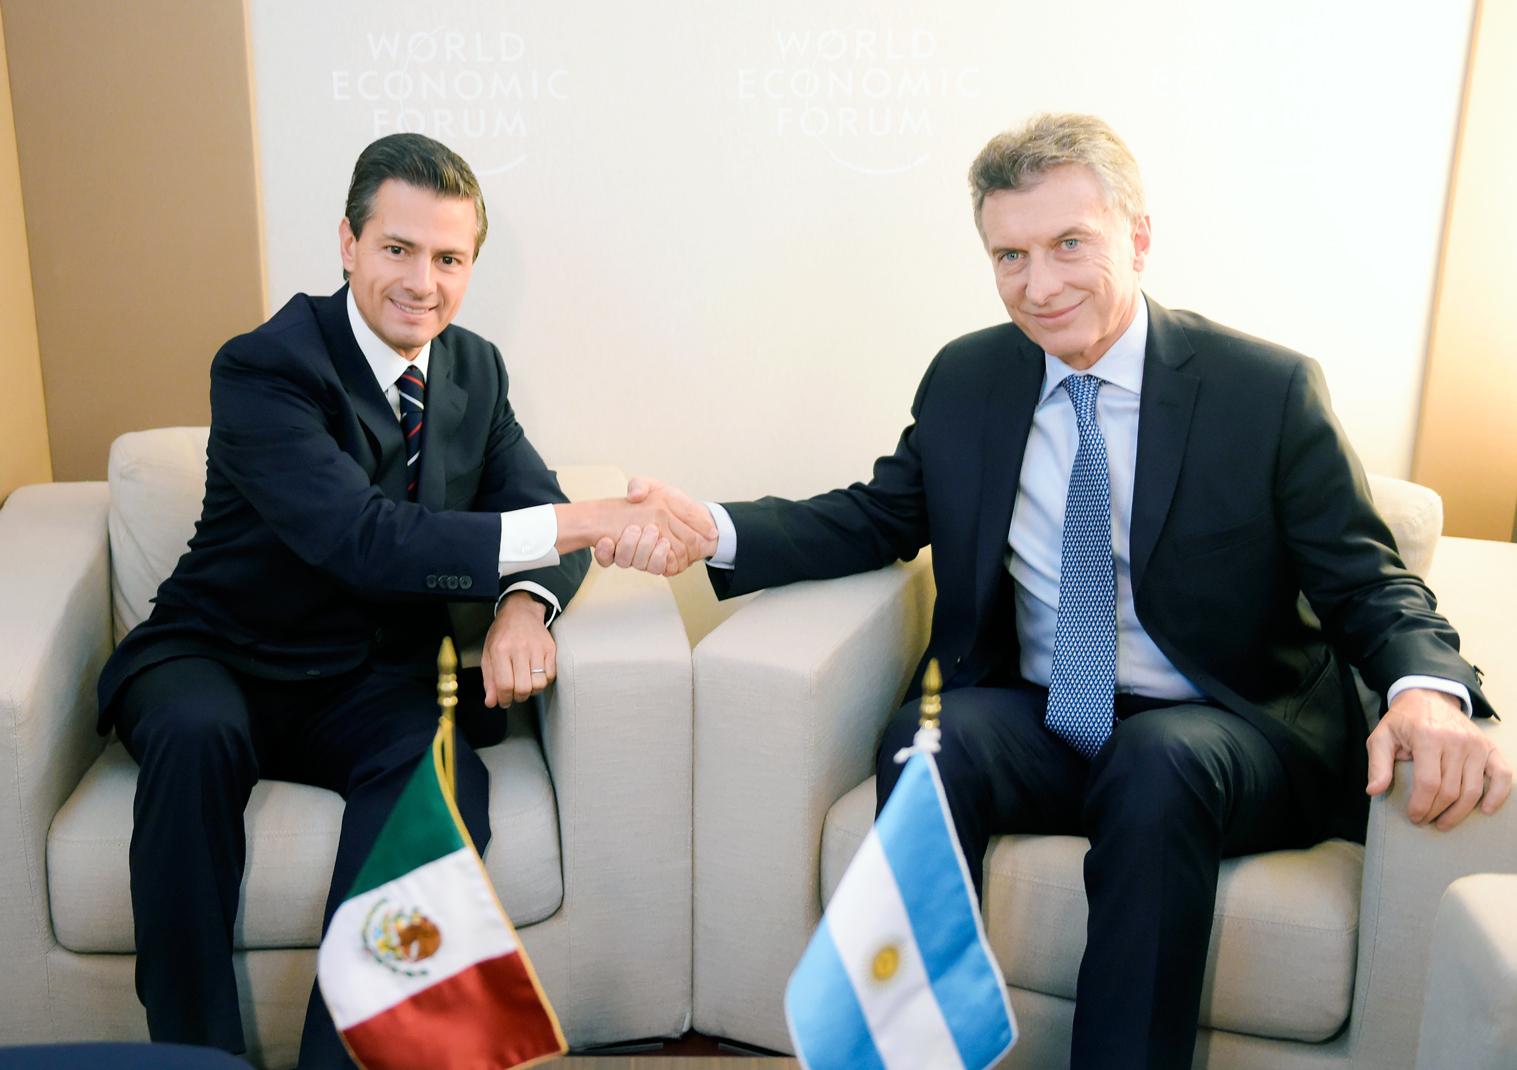 Es el primer encuentro que sostienen los dos Jefes de Estado, luego de que Macri asumió la Presidencia de la República Argentina el 10 de diciembre de 2015.